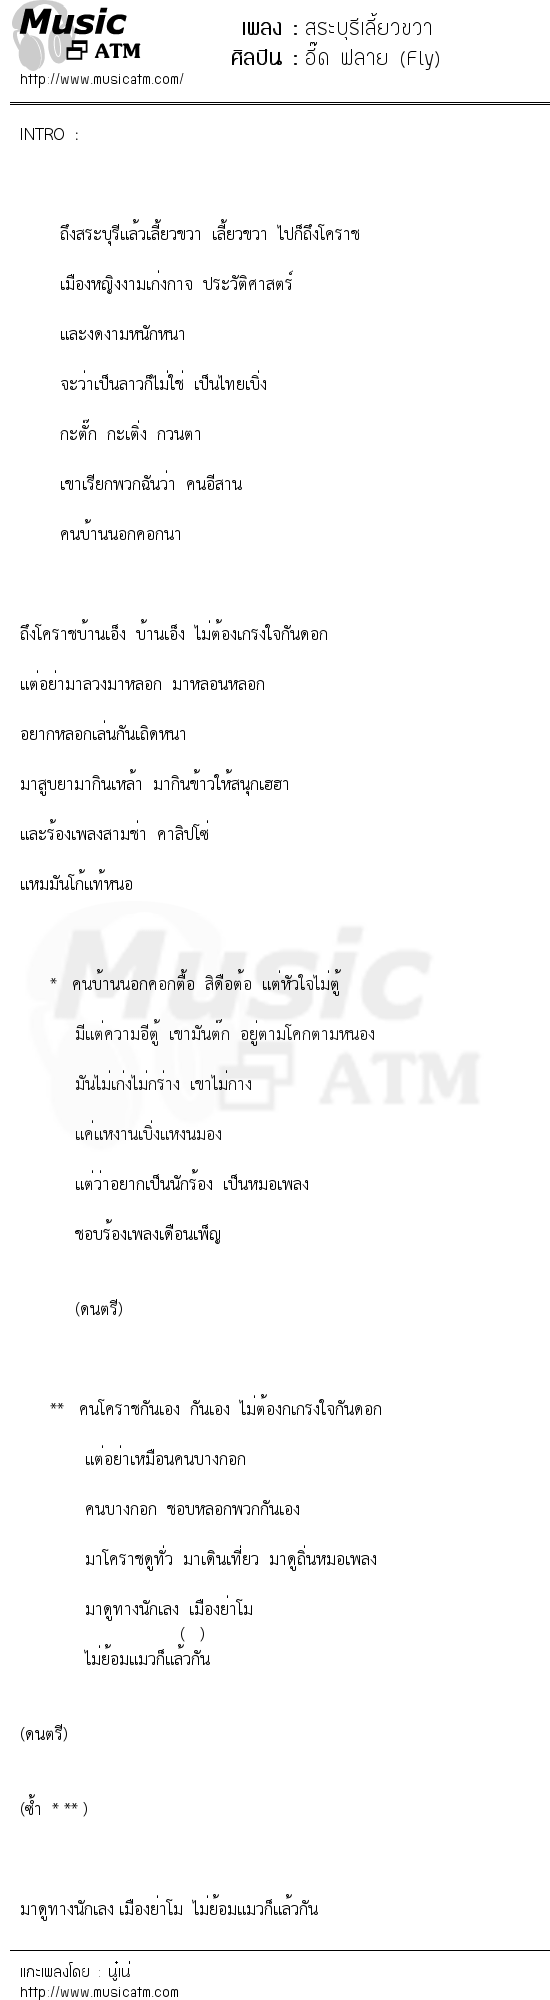 สระบุรีเลี้ยวขวา   เพลงไทย